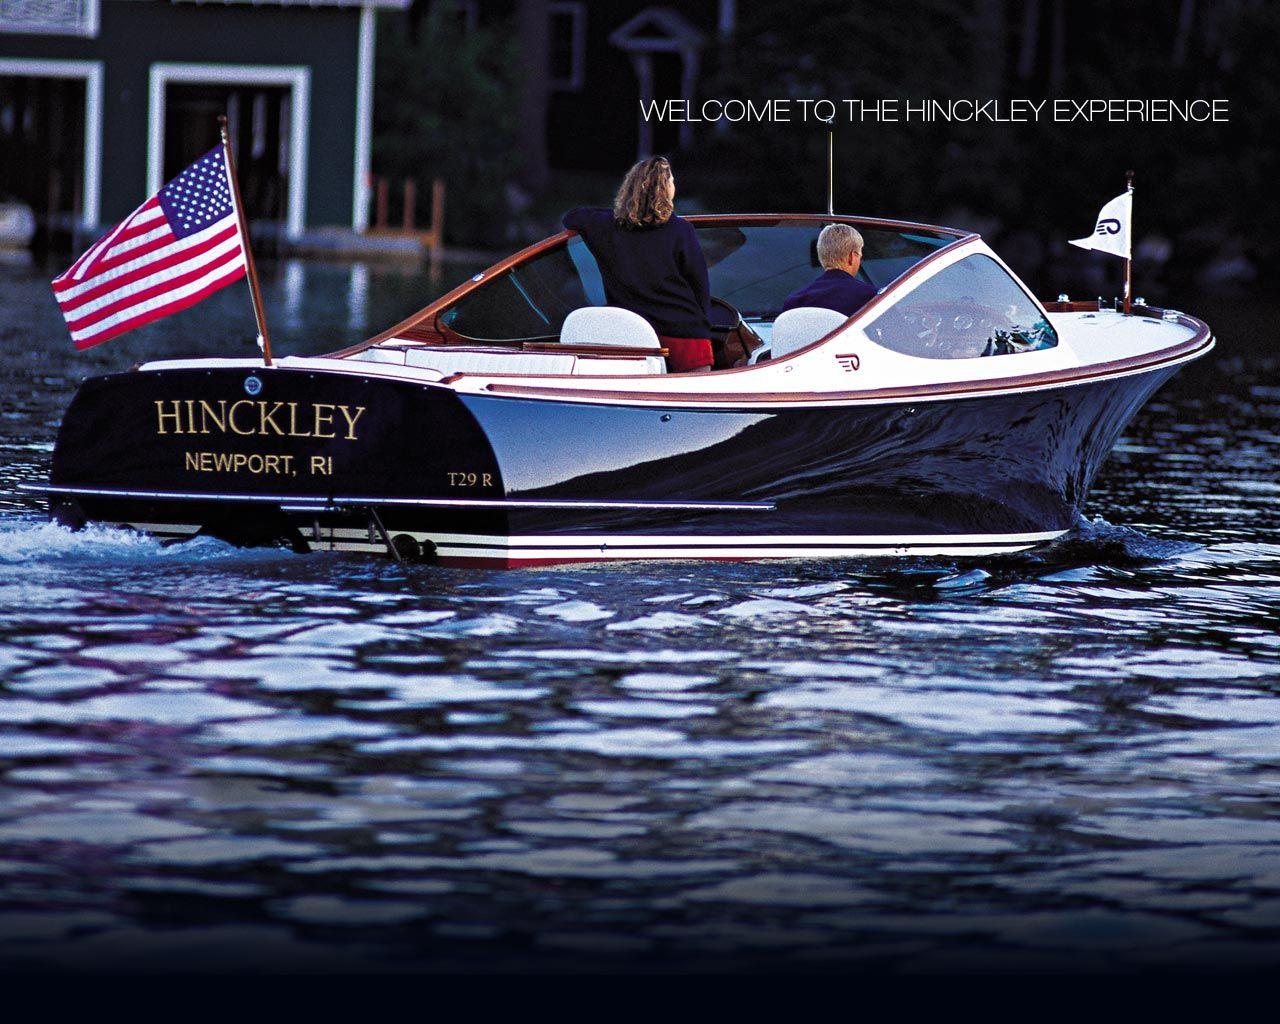 Boats yachts maine boats lobster boats picnic boats sailing - Hinckley Boat In My Next Life